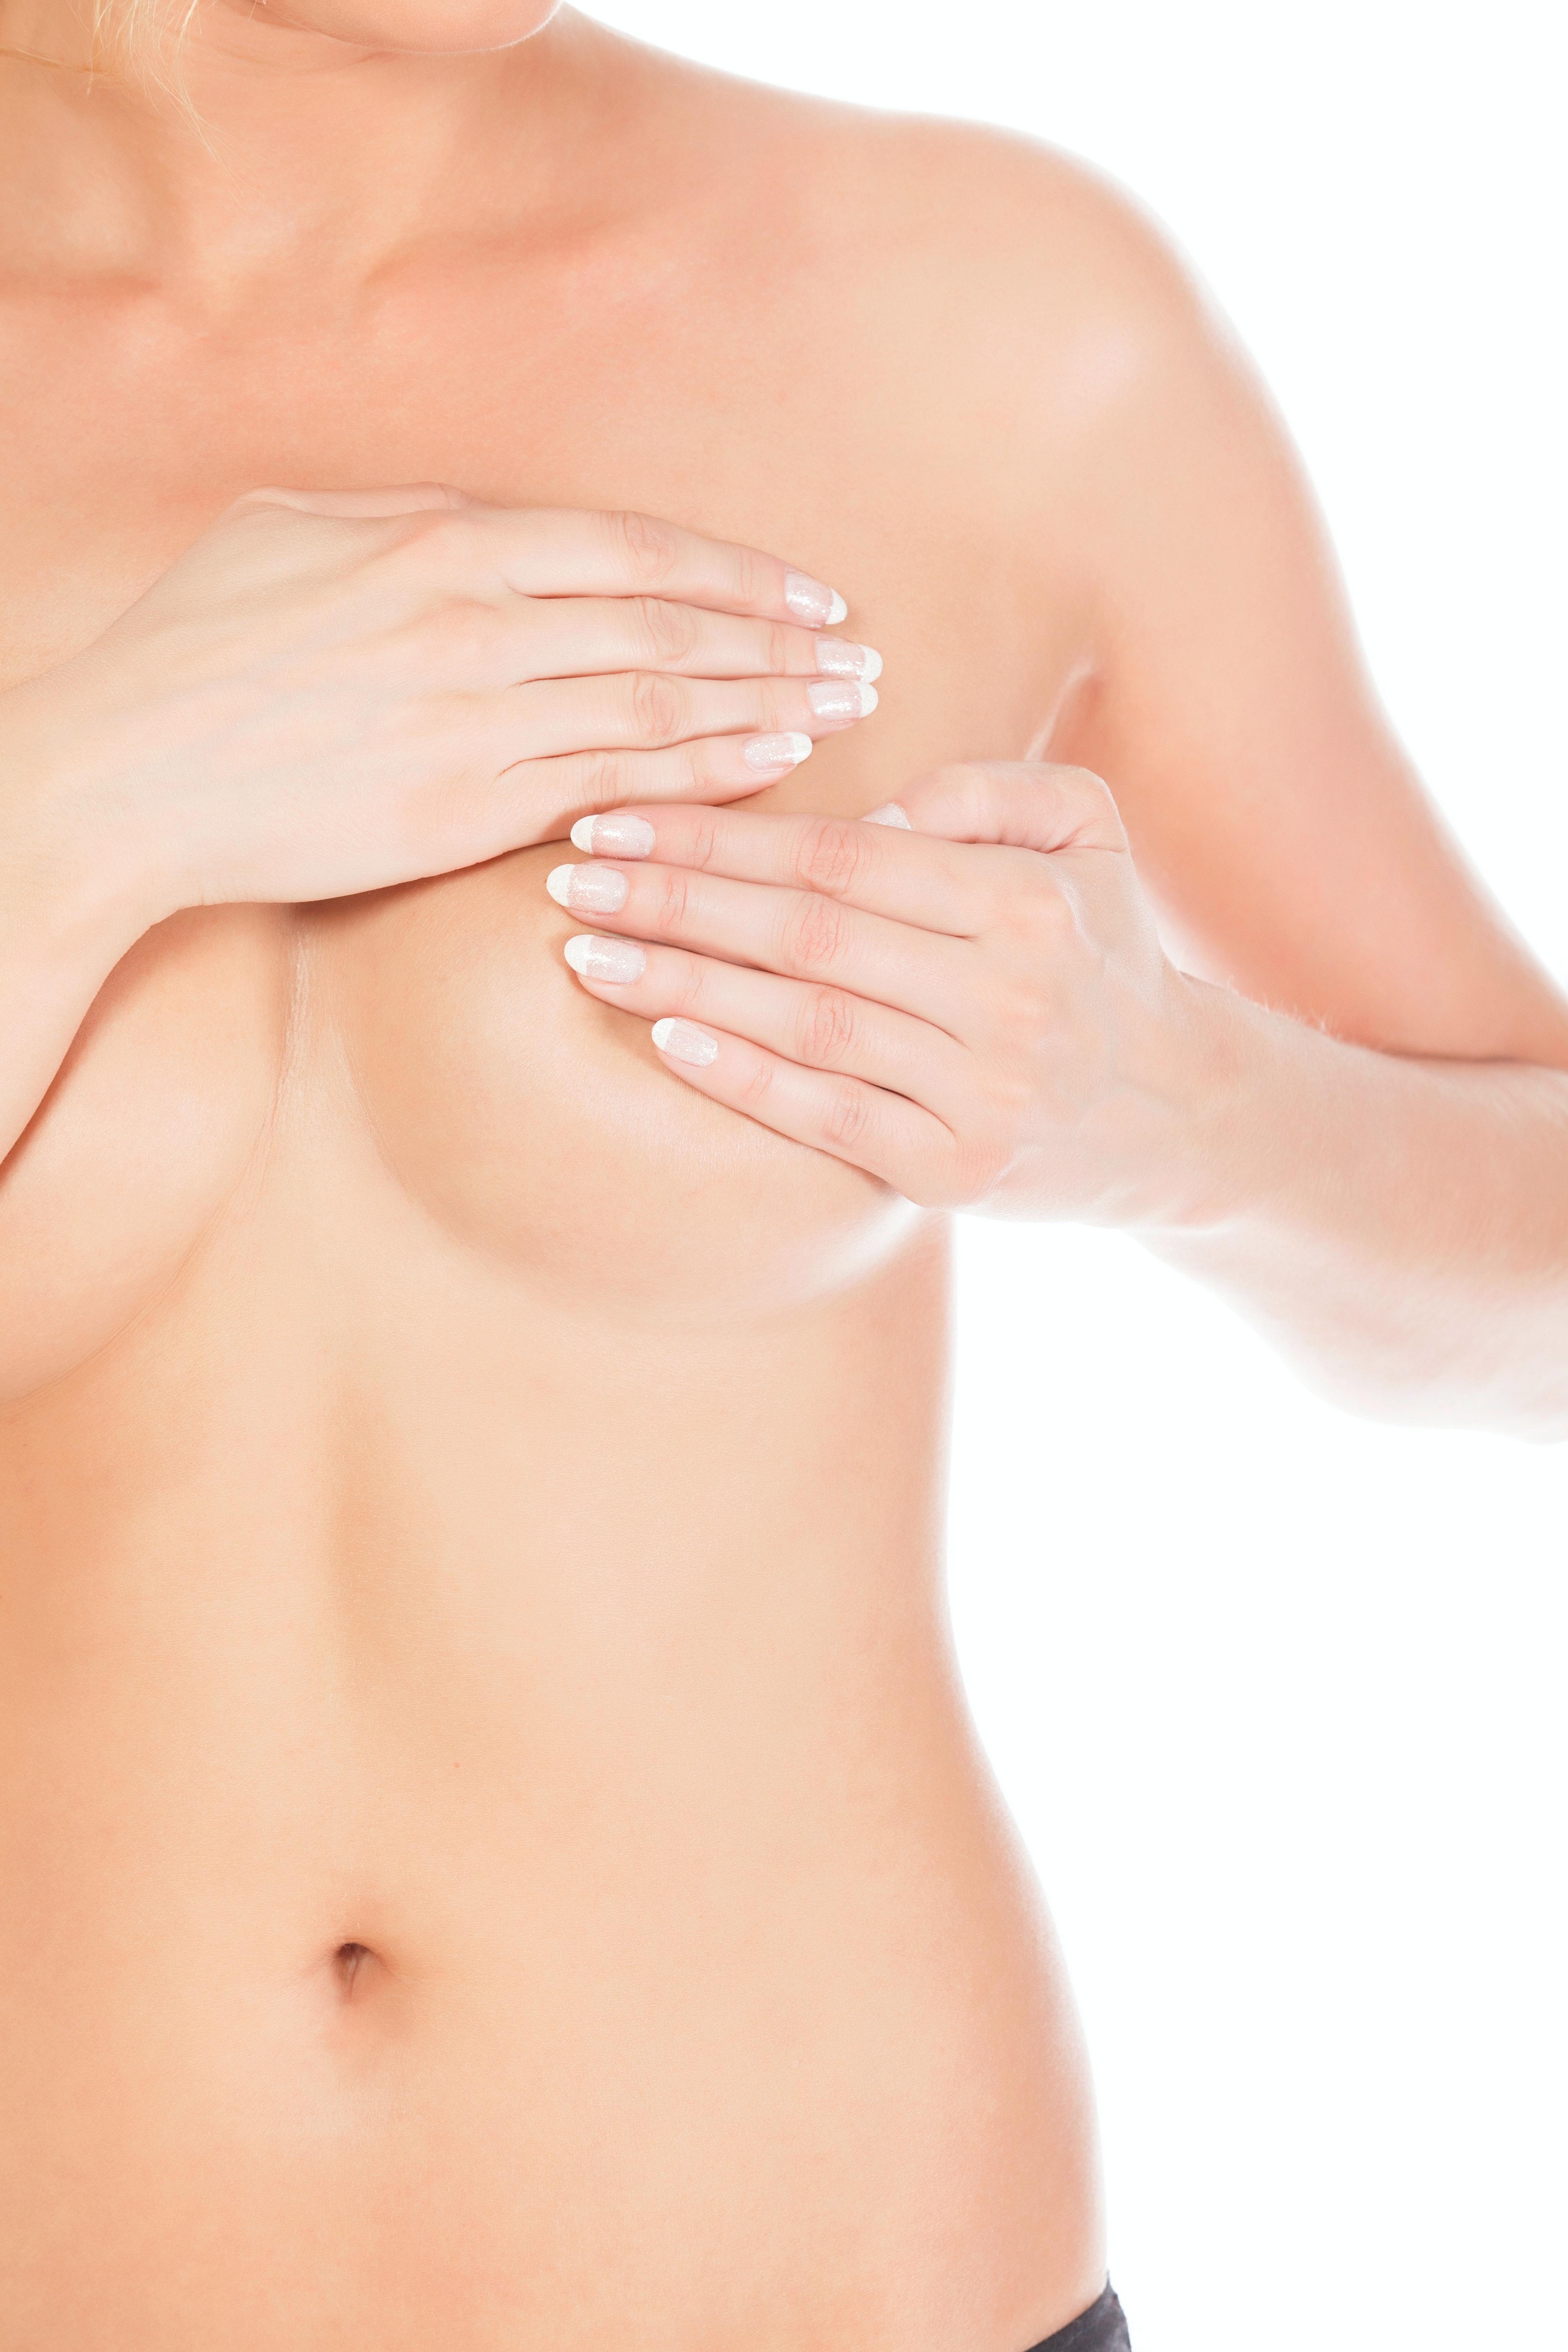 samleie under svangerskap silikonpupper etter amming